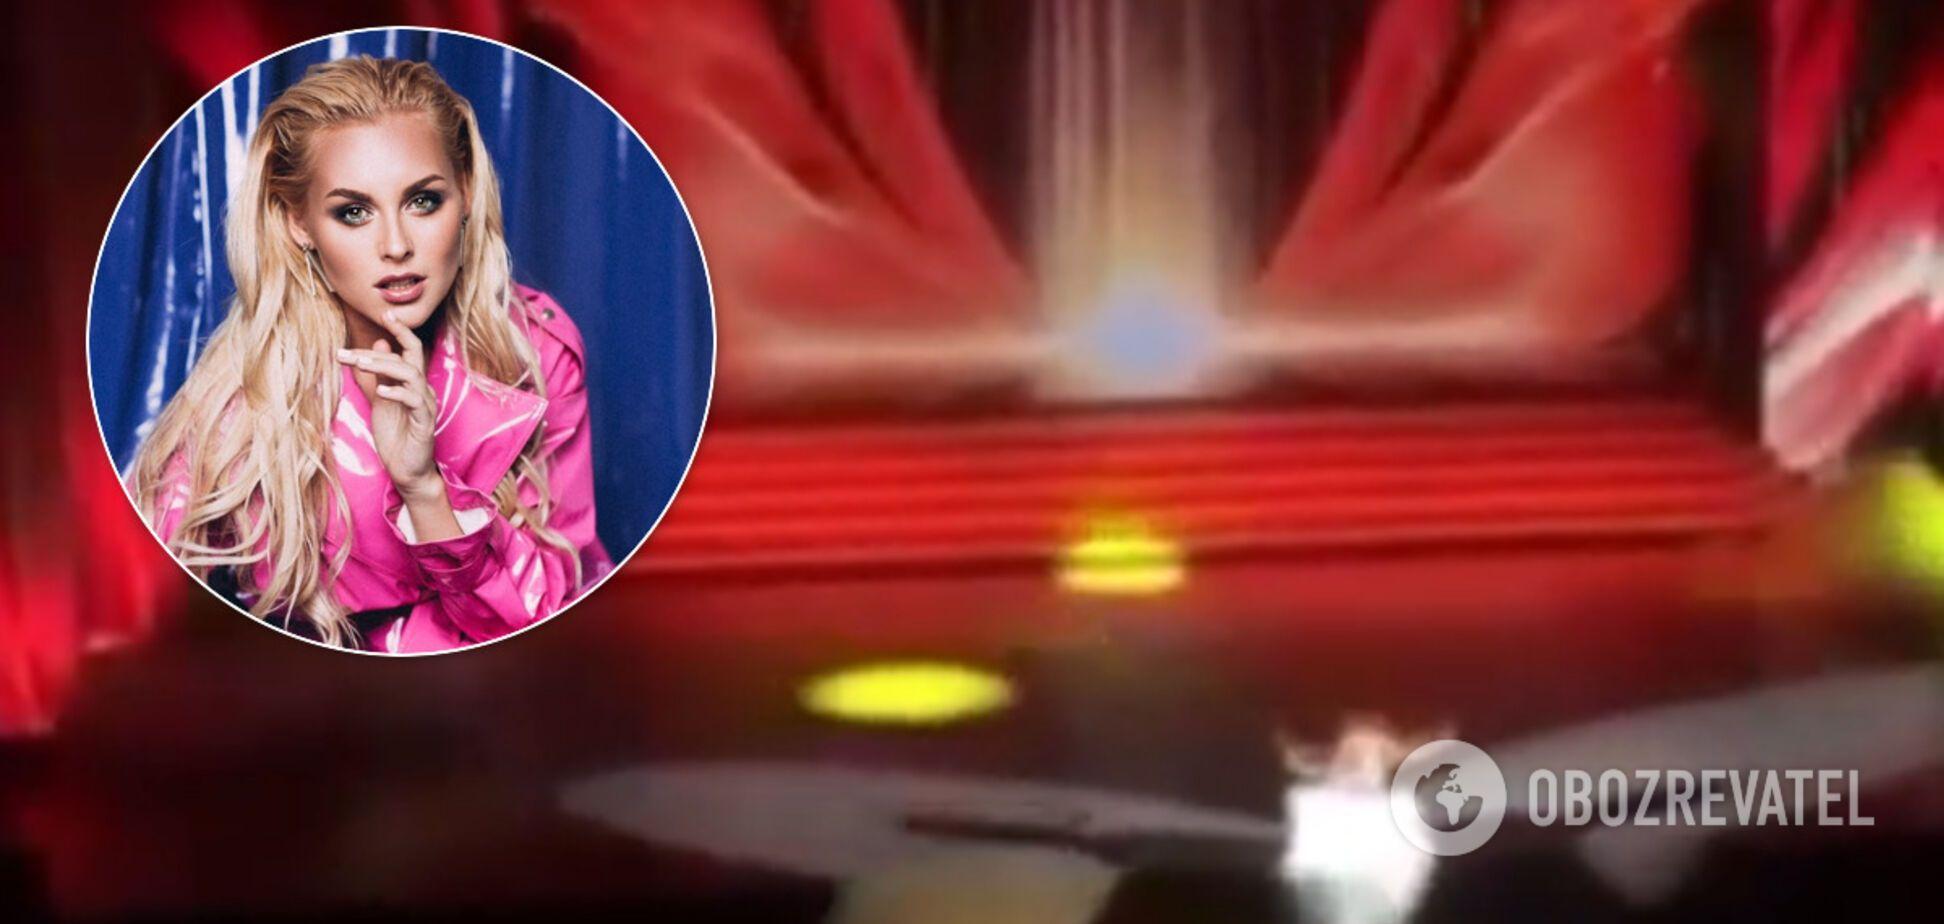 Анастасия Вишневская сломала ногу на сцене